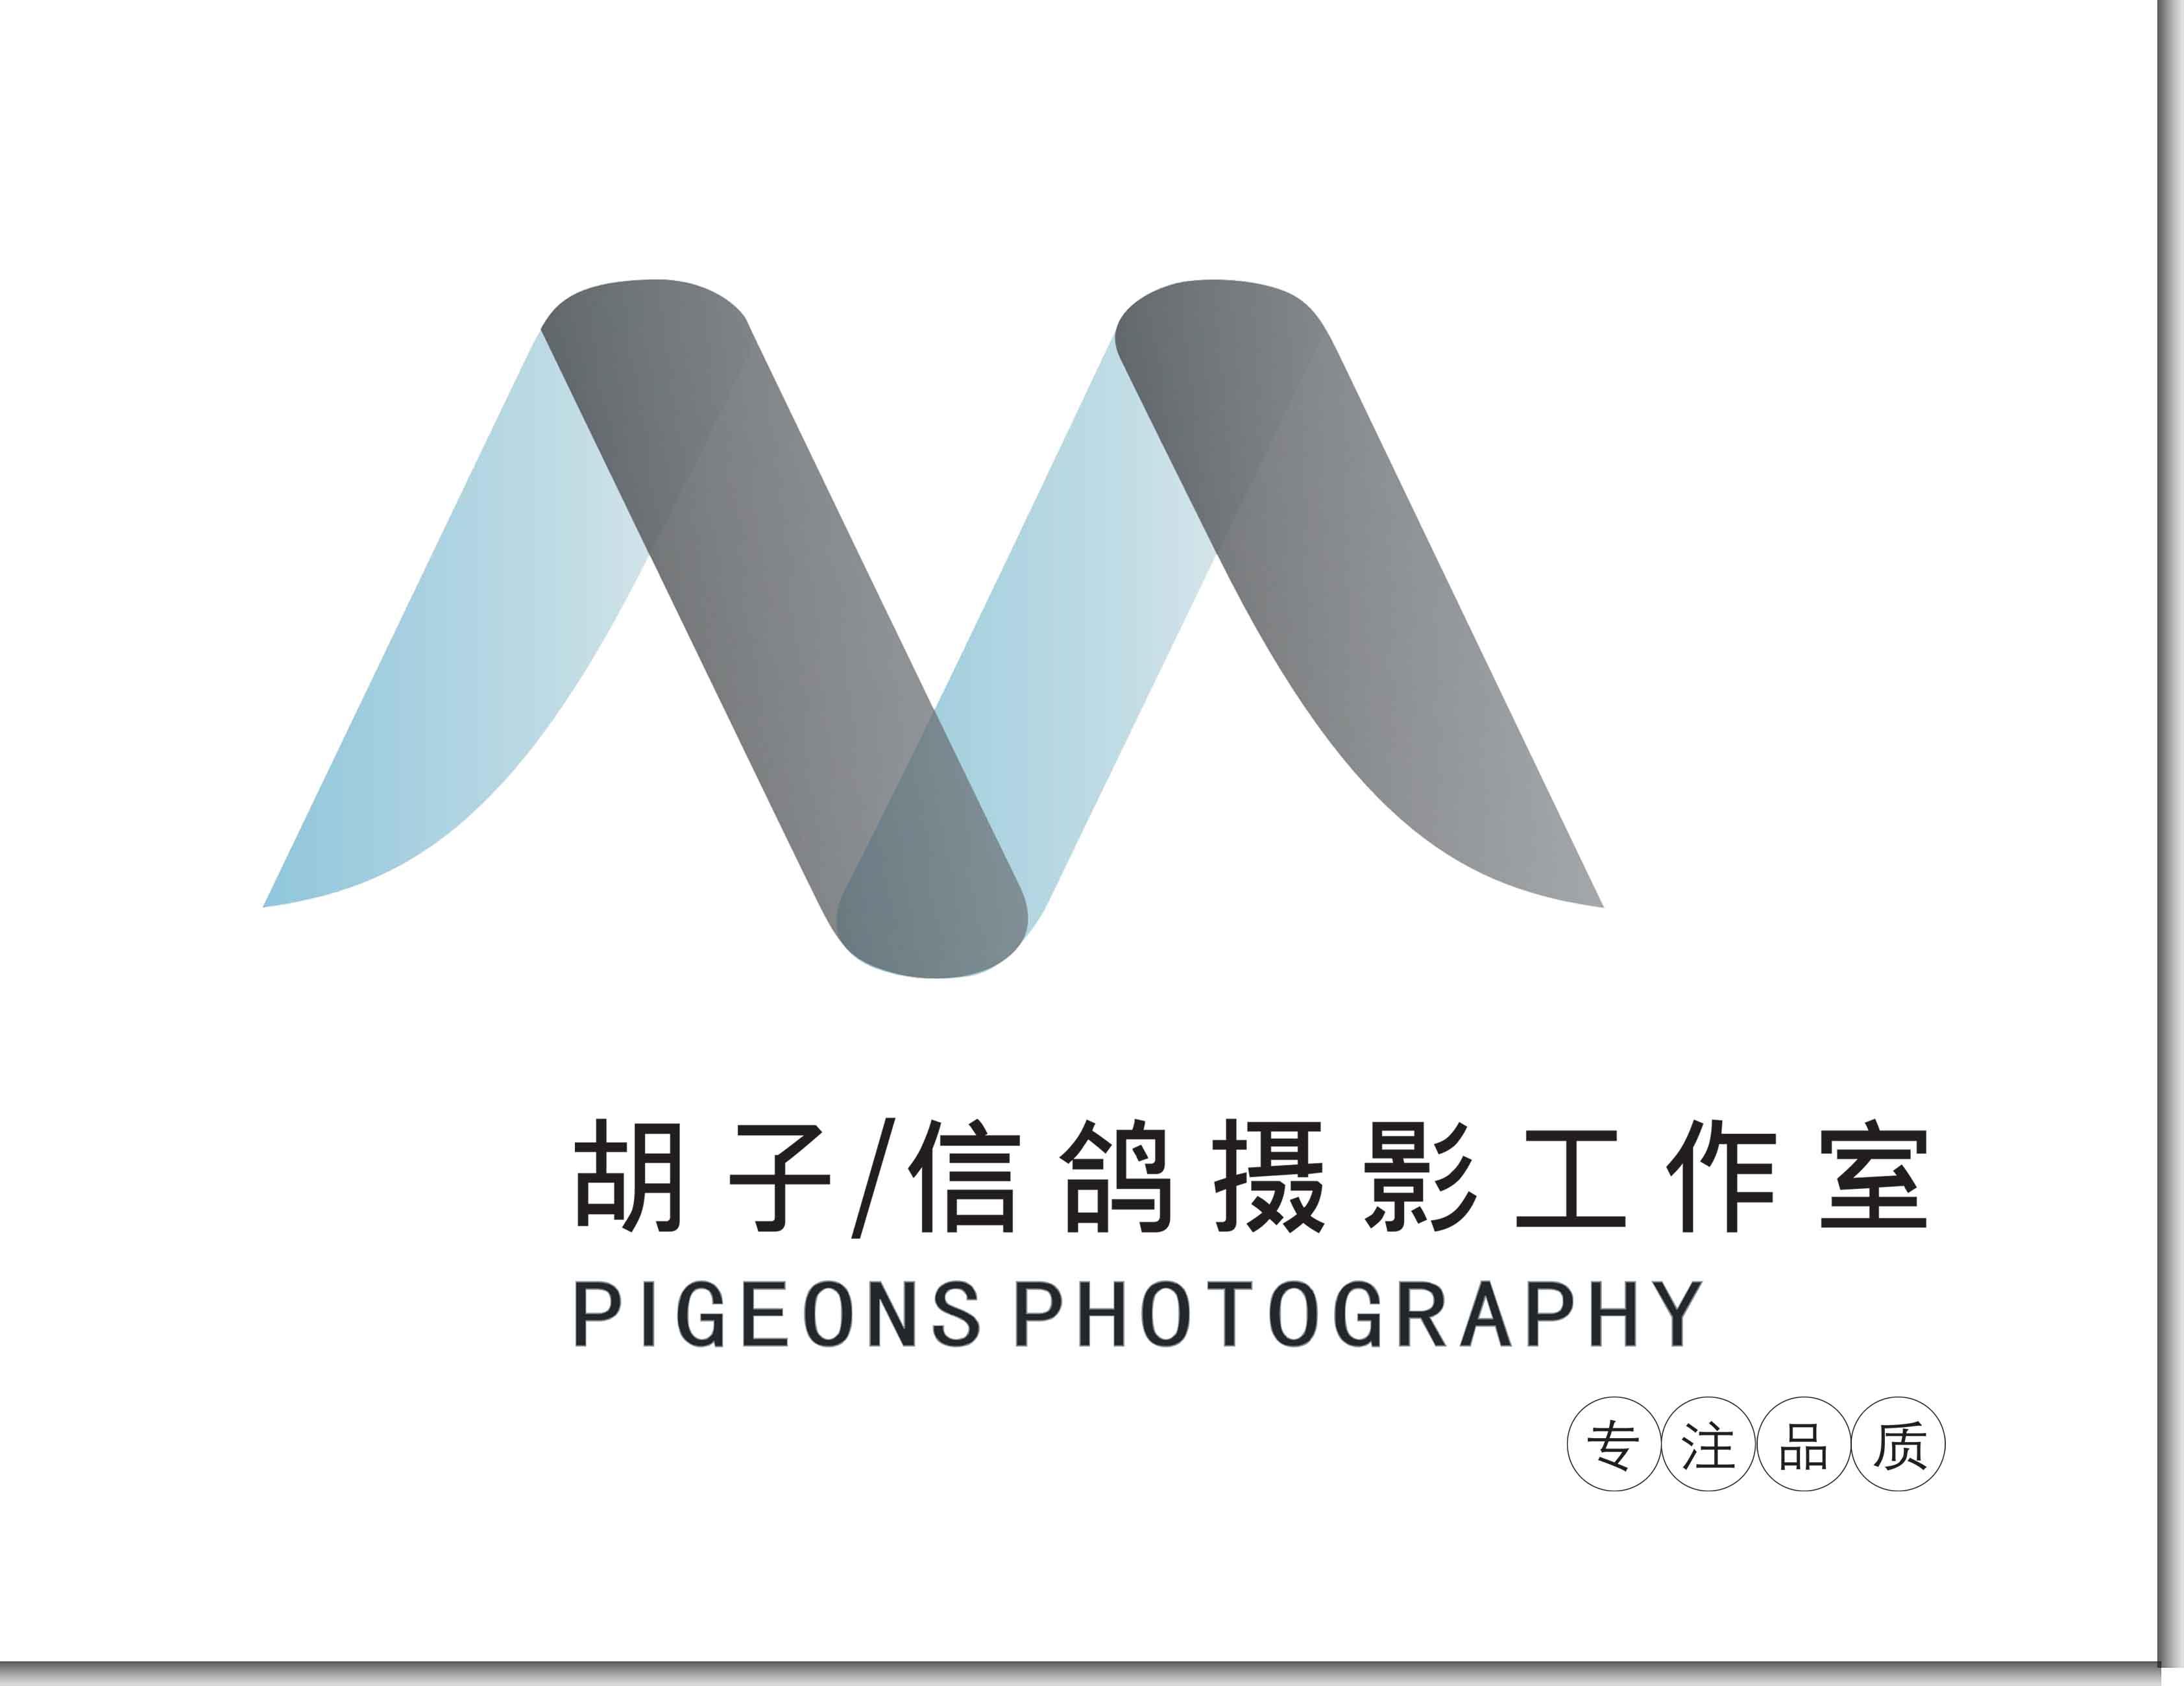 云南胡子信鸽摄影-中国信鸽信息网 www.chinaxinge.com